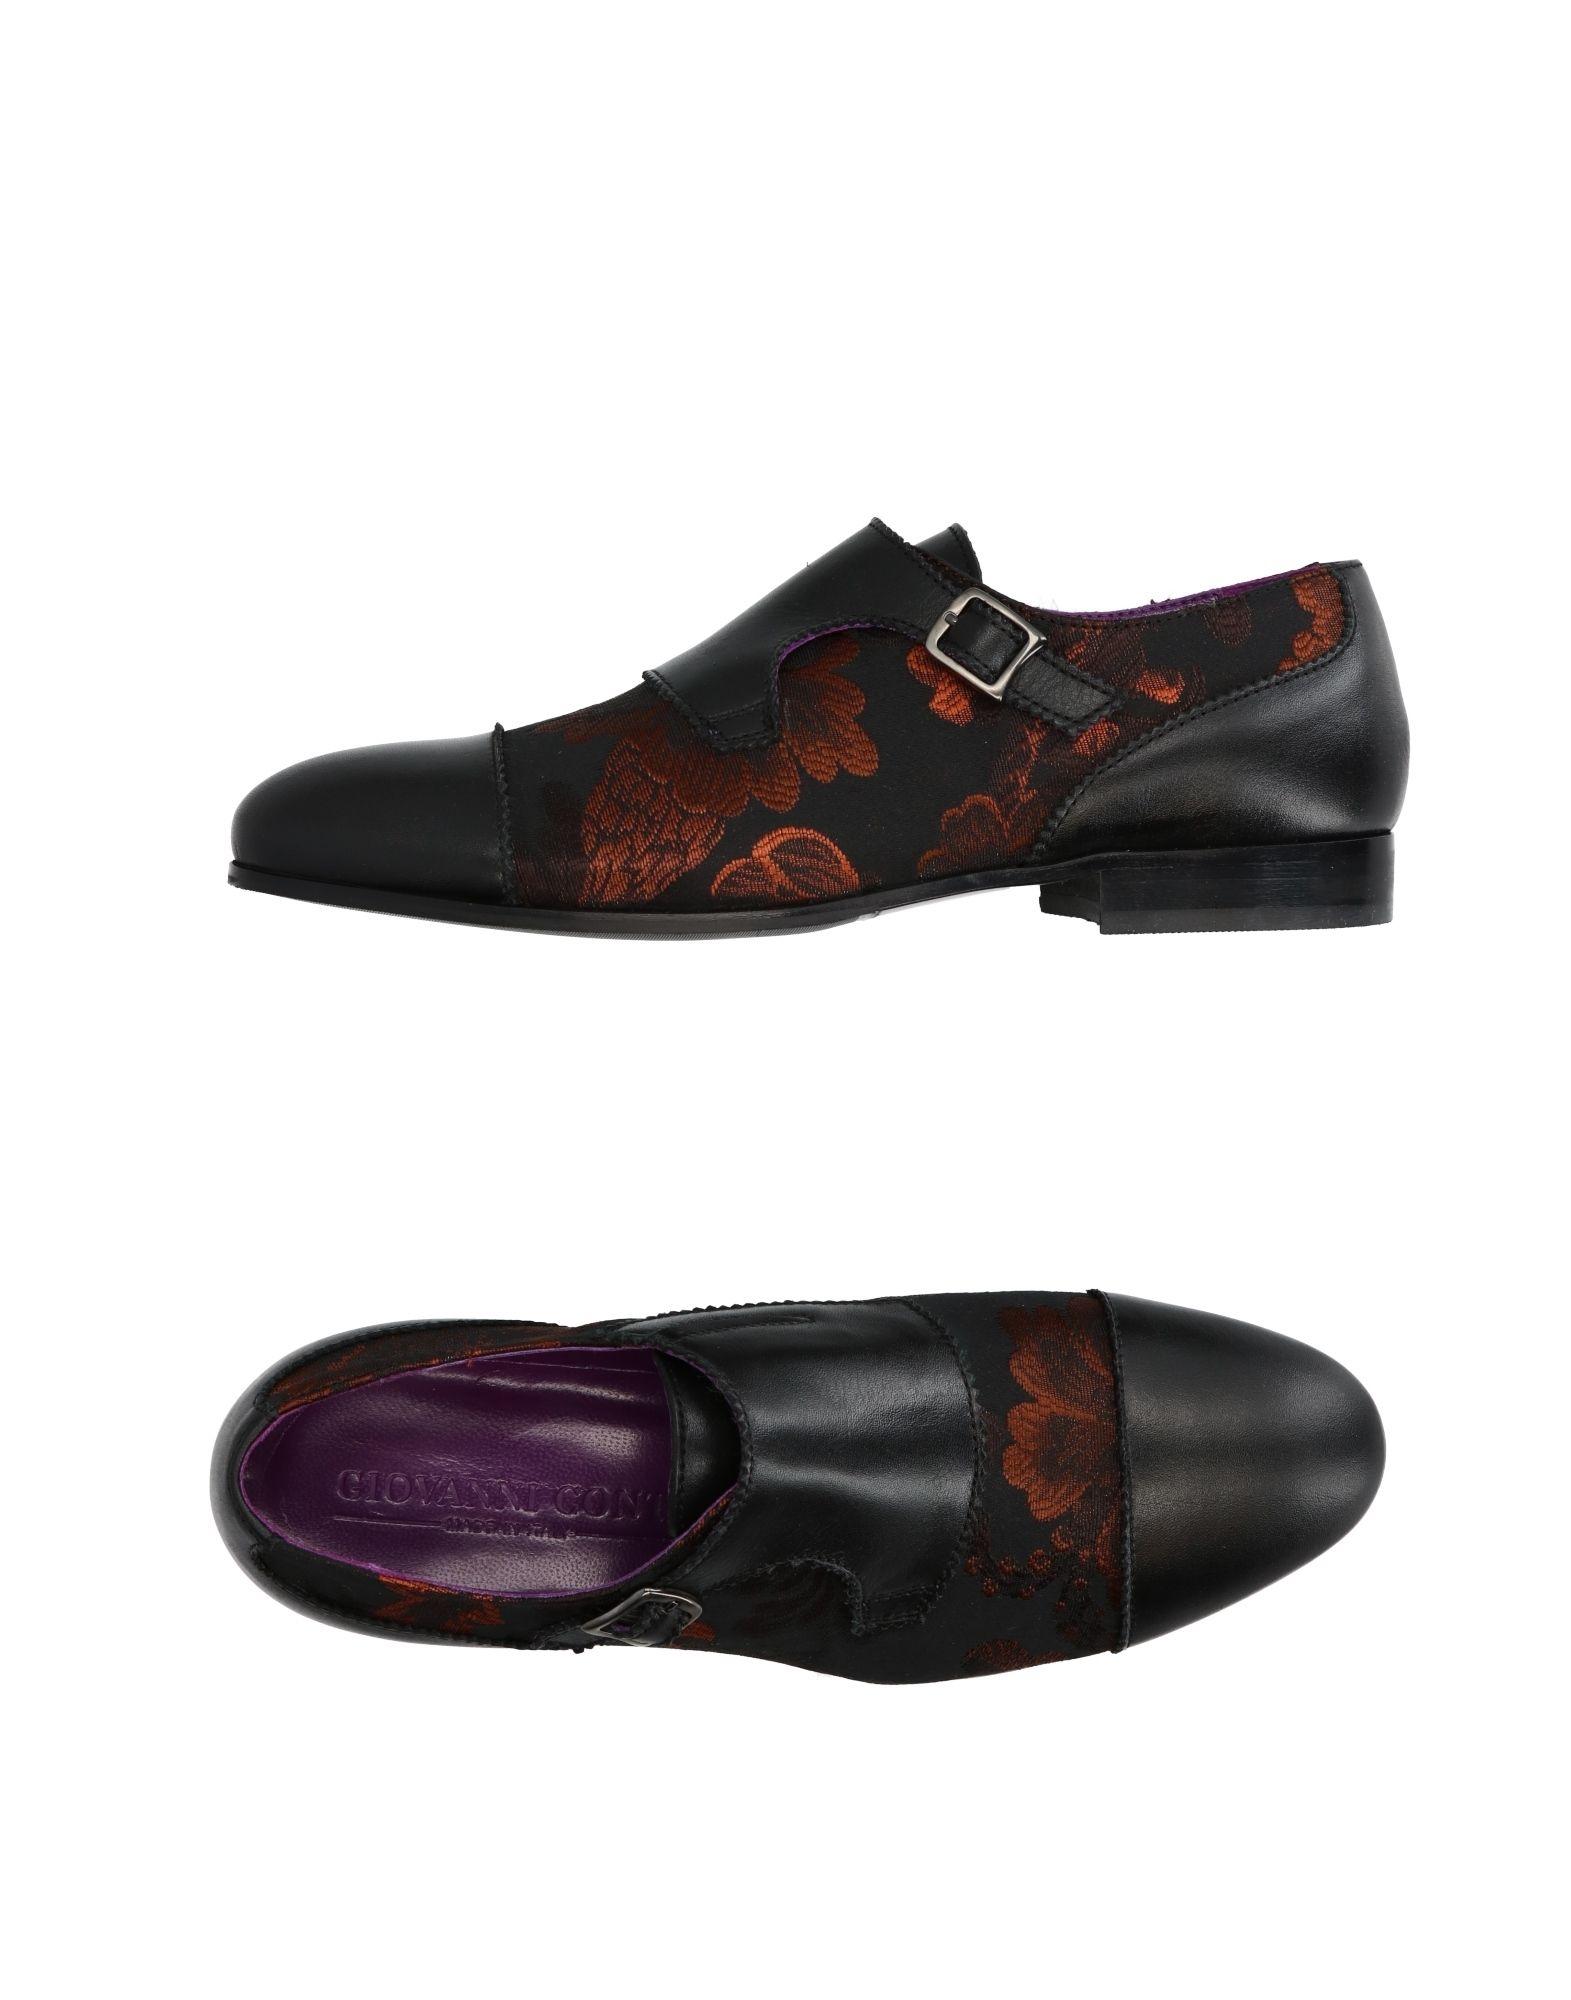 Gut um Mokassins billige Schuhe zu tragenGiovanni Conti Mokassins um Damen  11293242AI 8d5a92